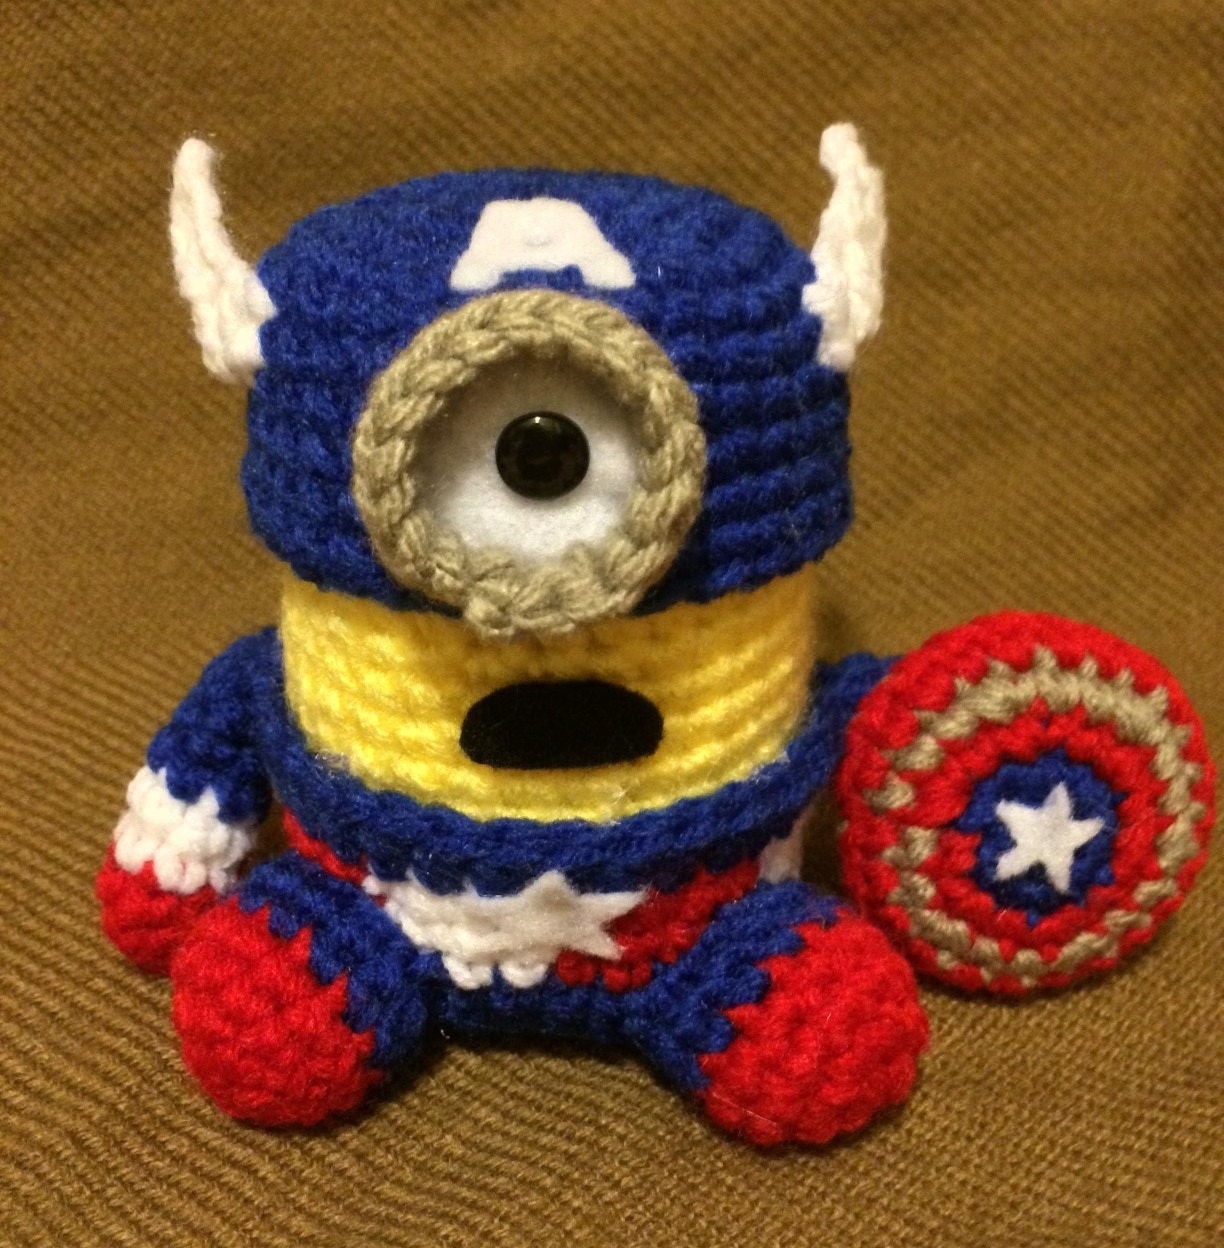 Minion Captain America Amigurumi : Captain America Minion PDF Pattern Crochet for Amigurumi Doll